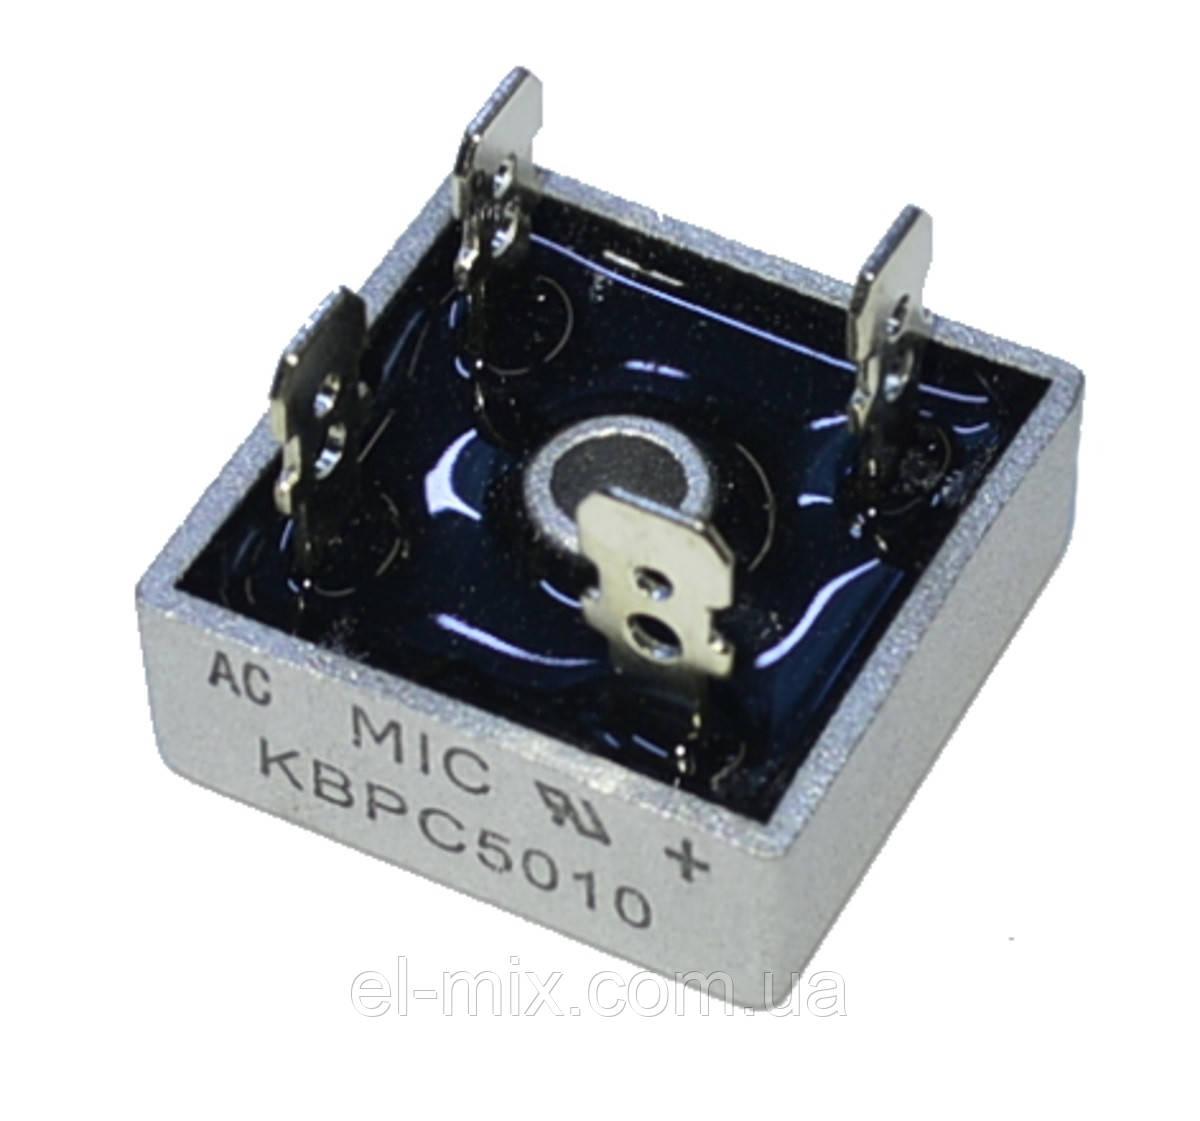 Діодний міст горизонтальний 50A 1000V KBPC5010 MIC